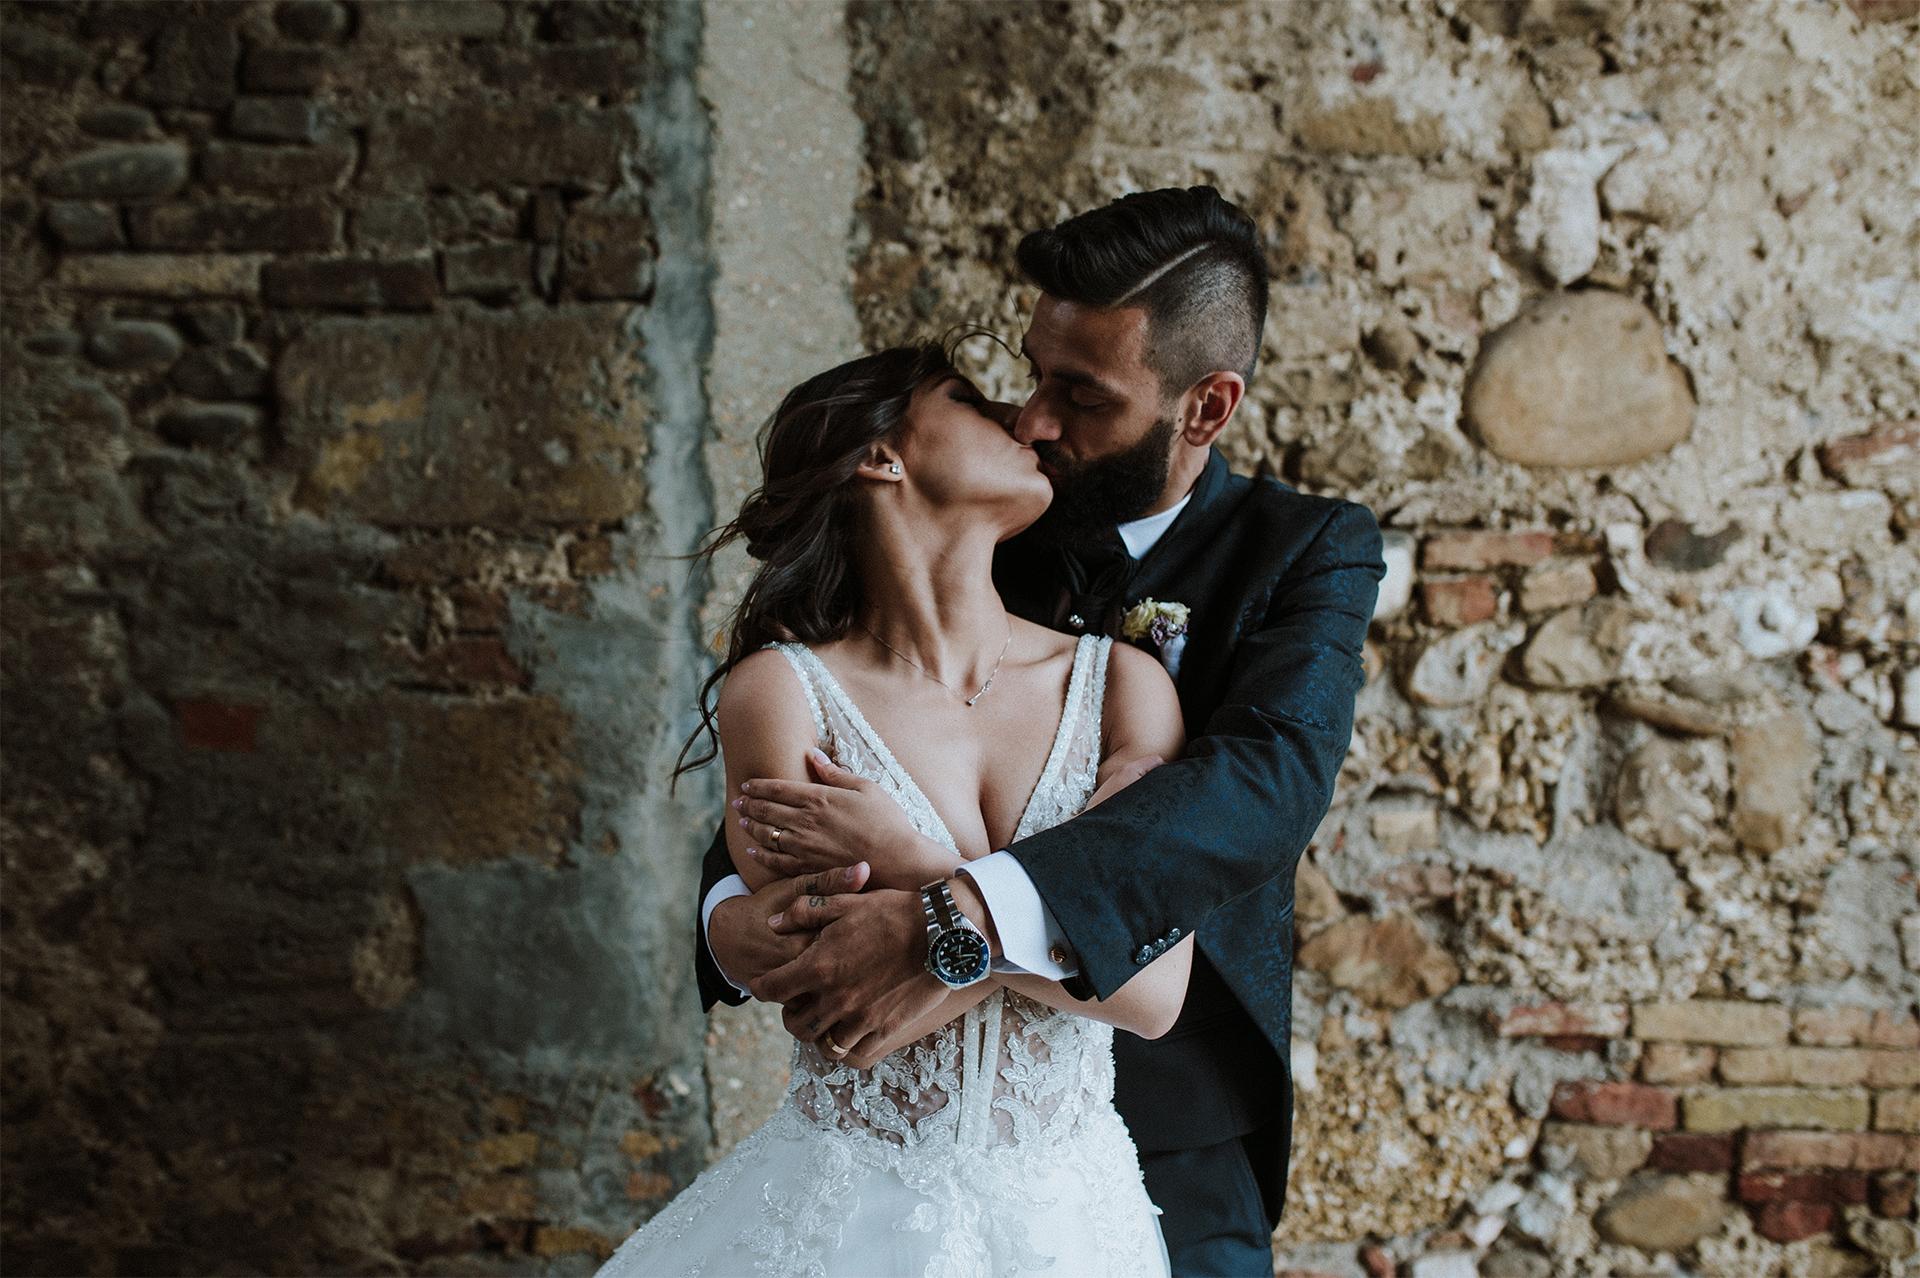 sposi si baciano appoggiati al muro